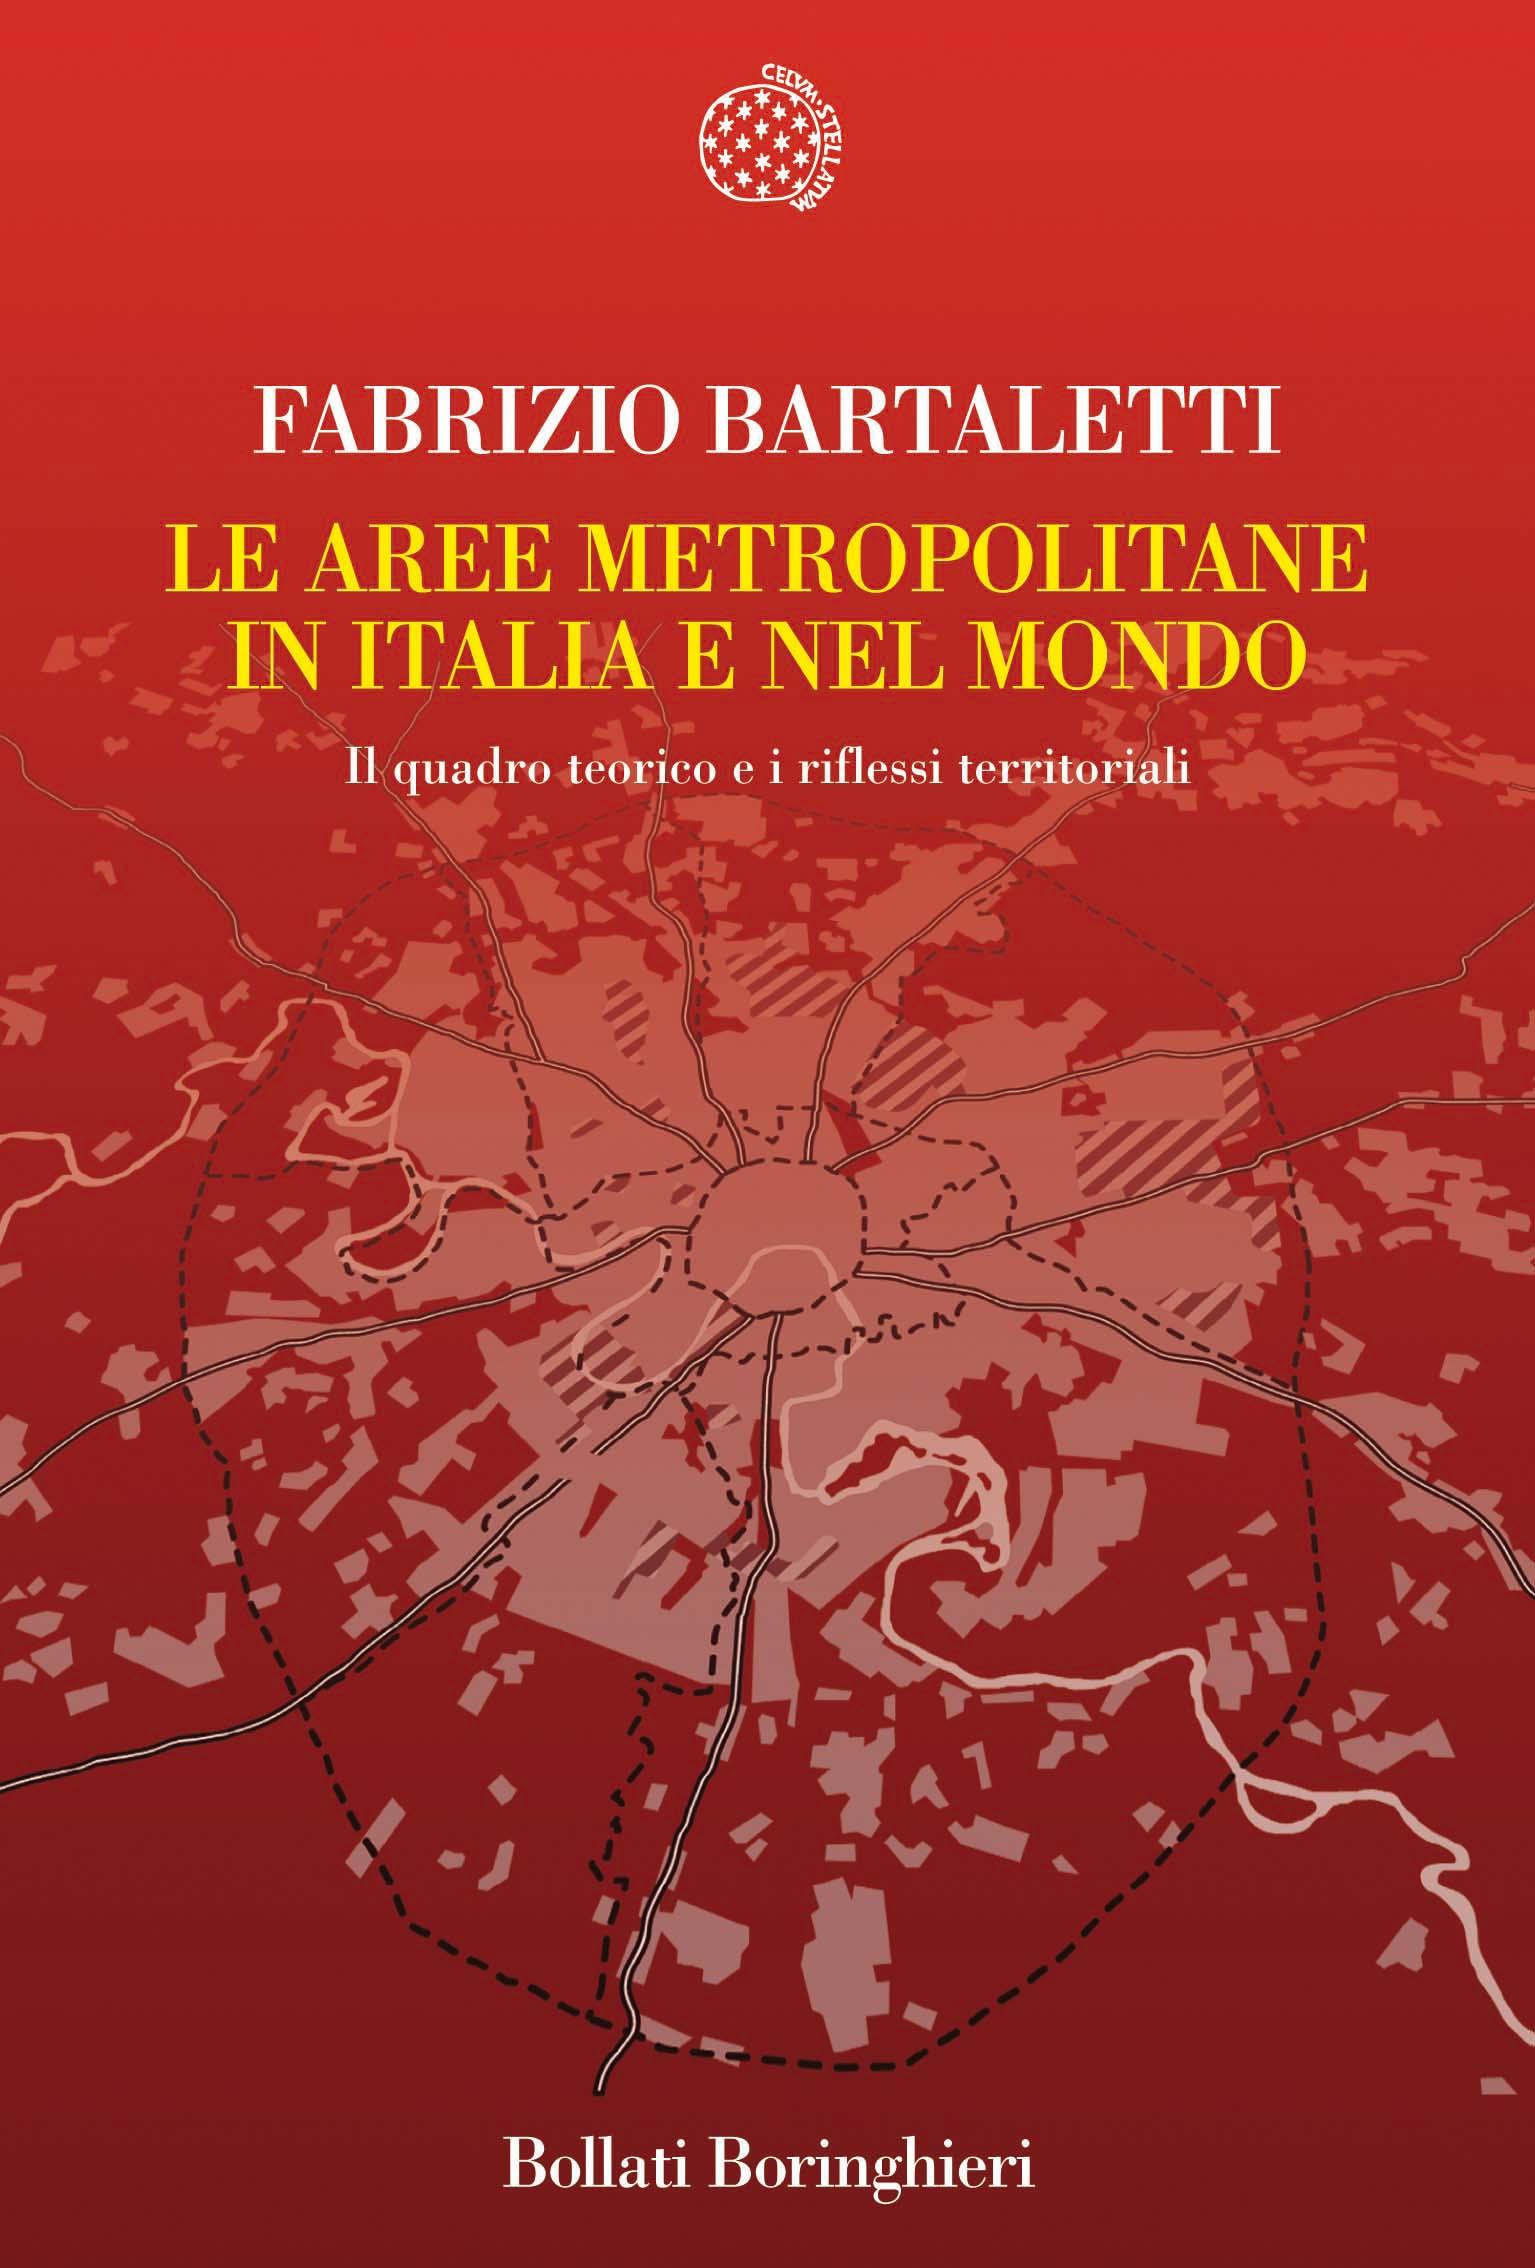 Image of Le aree metropolitane in Italia e nel Mondo